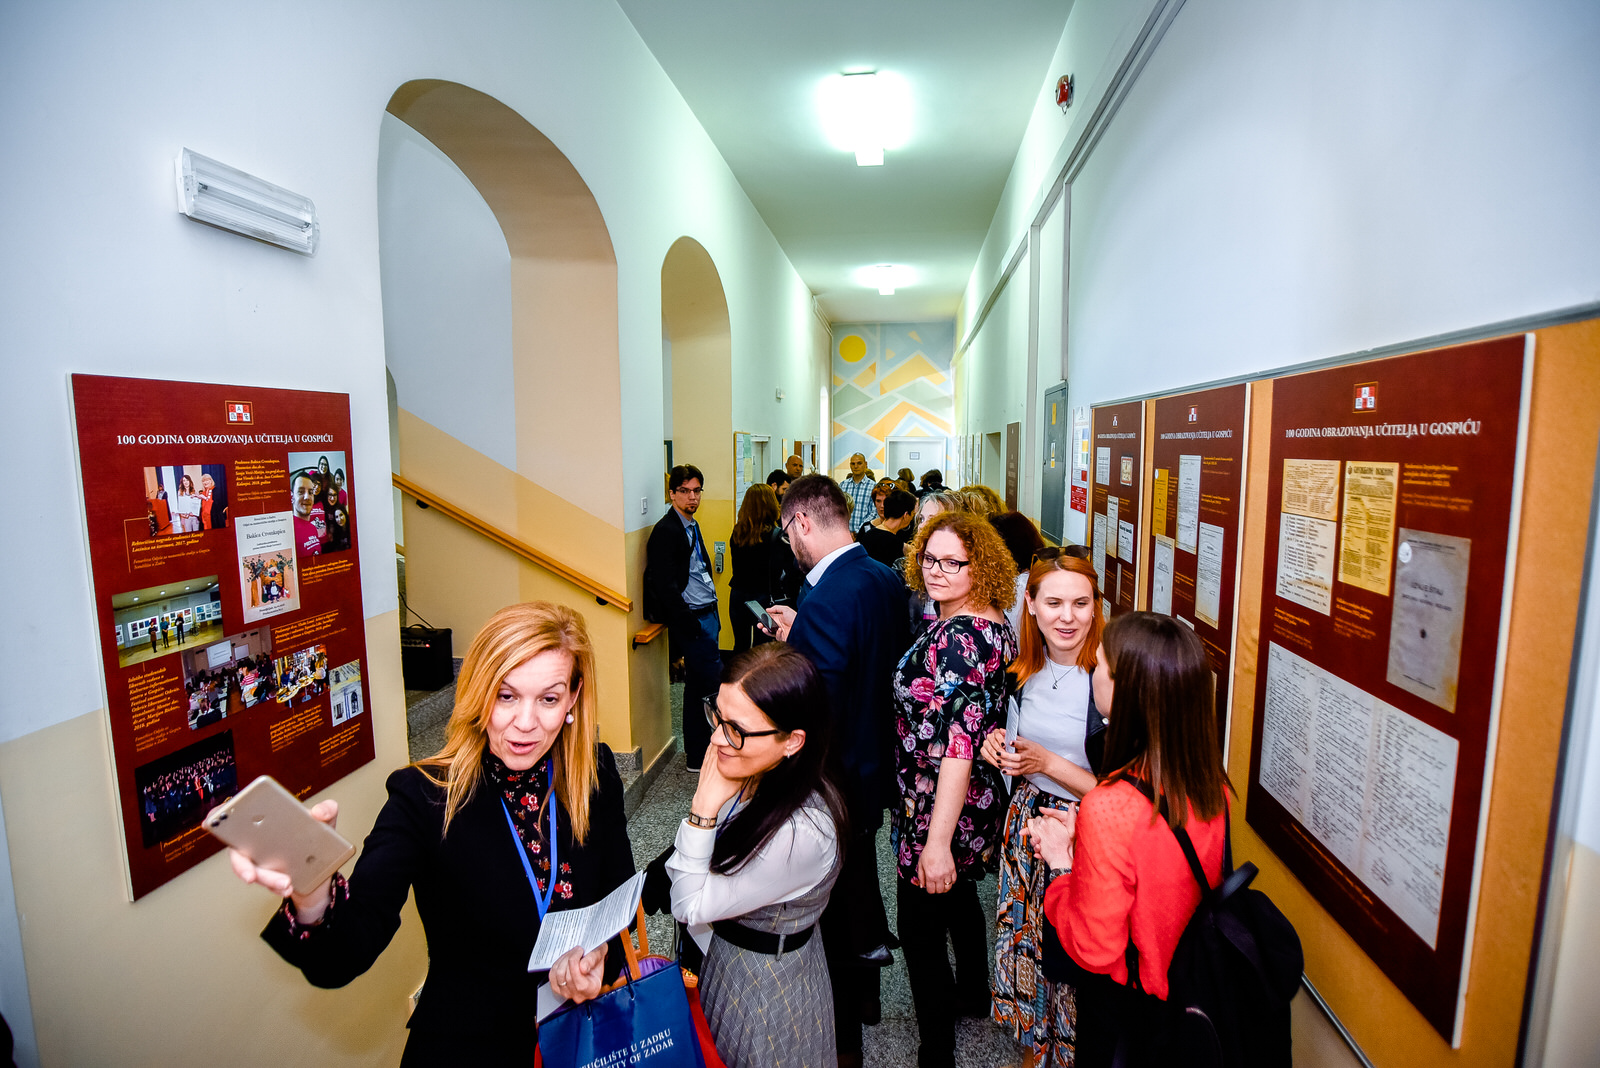 likaclub_gospić_100-godina-obrazovanja-učitelja-u-gospiću_2019-31